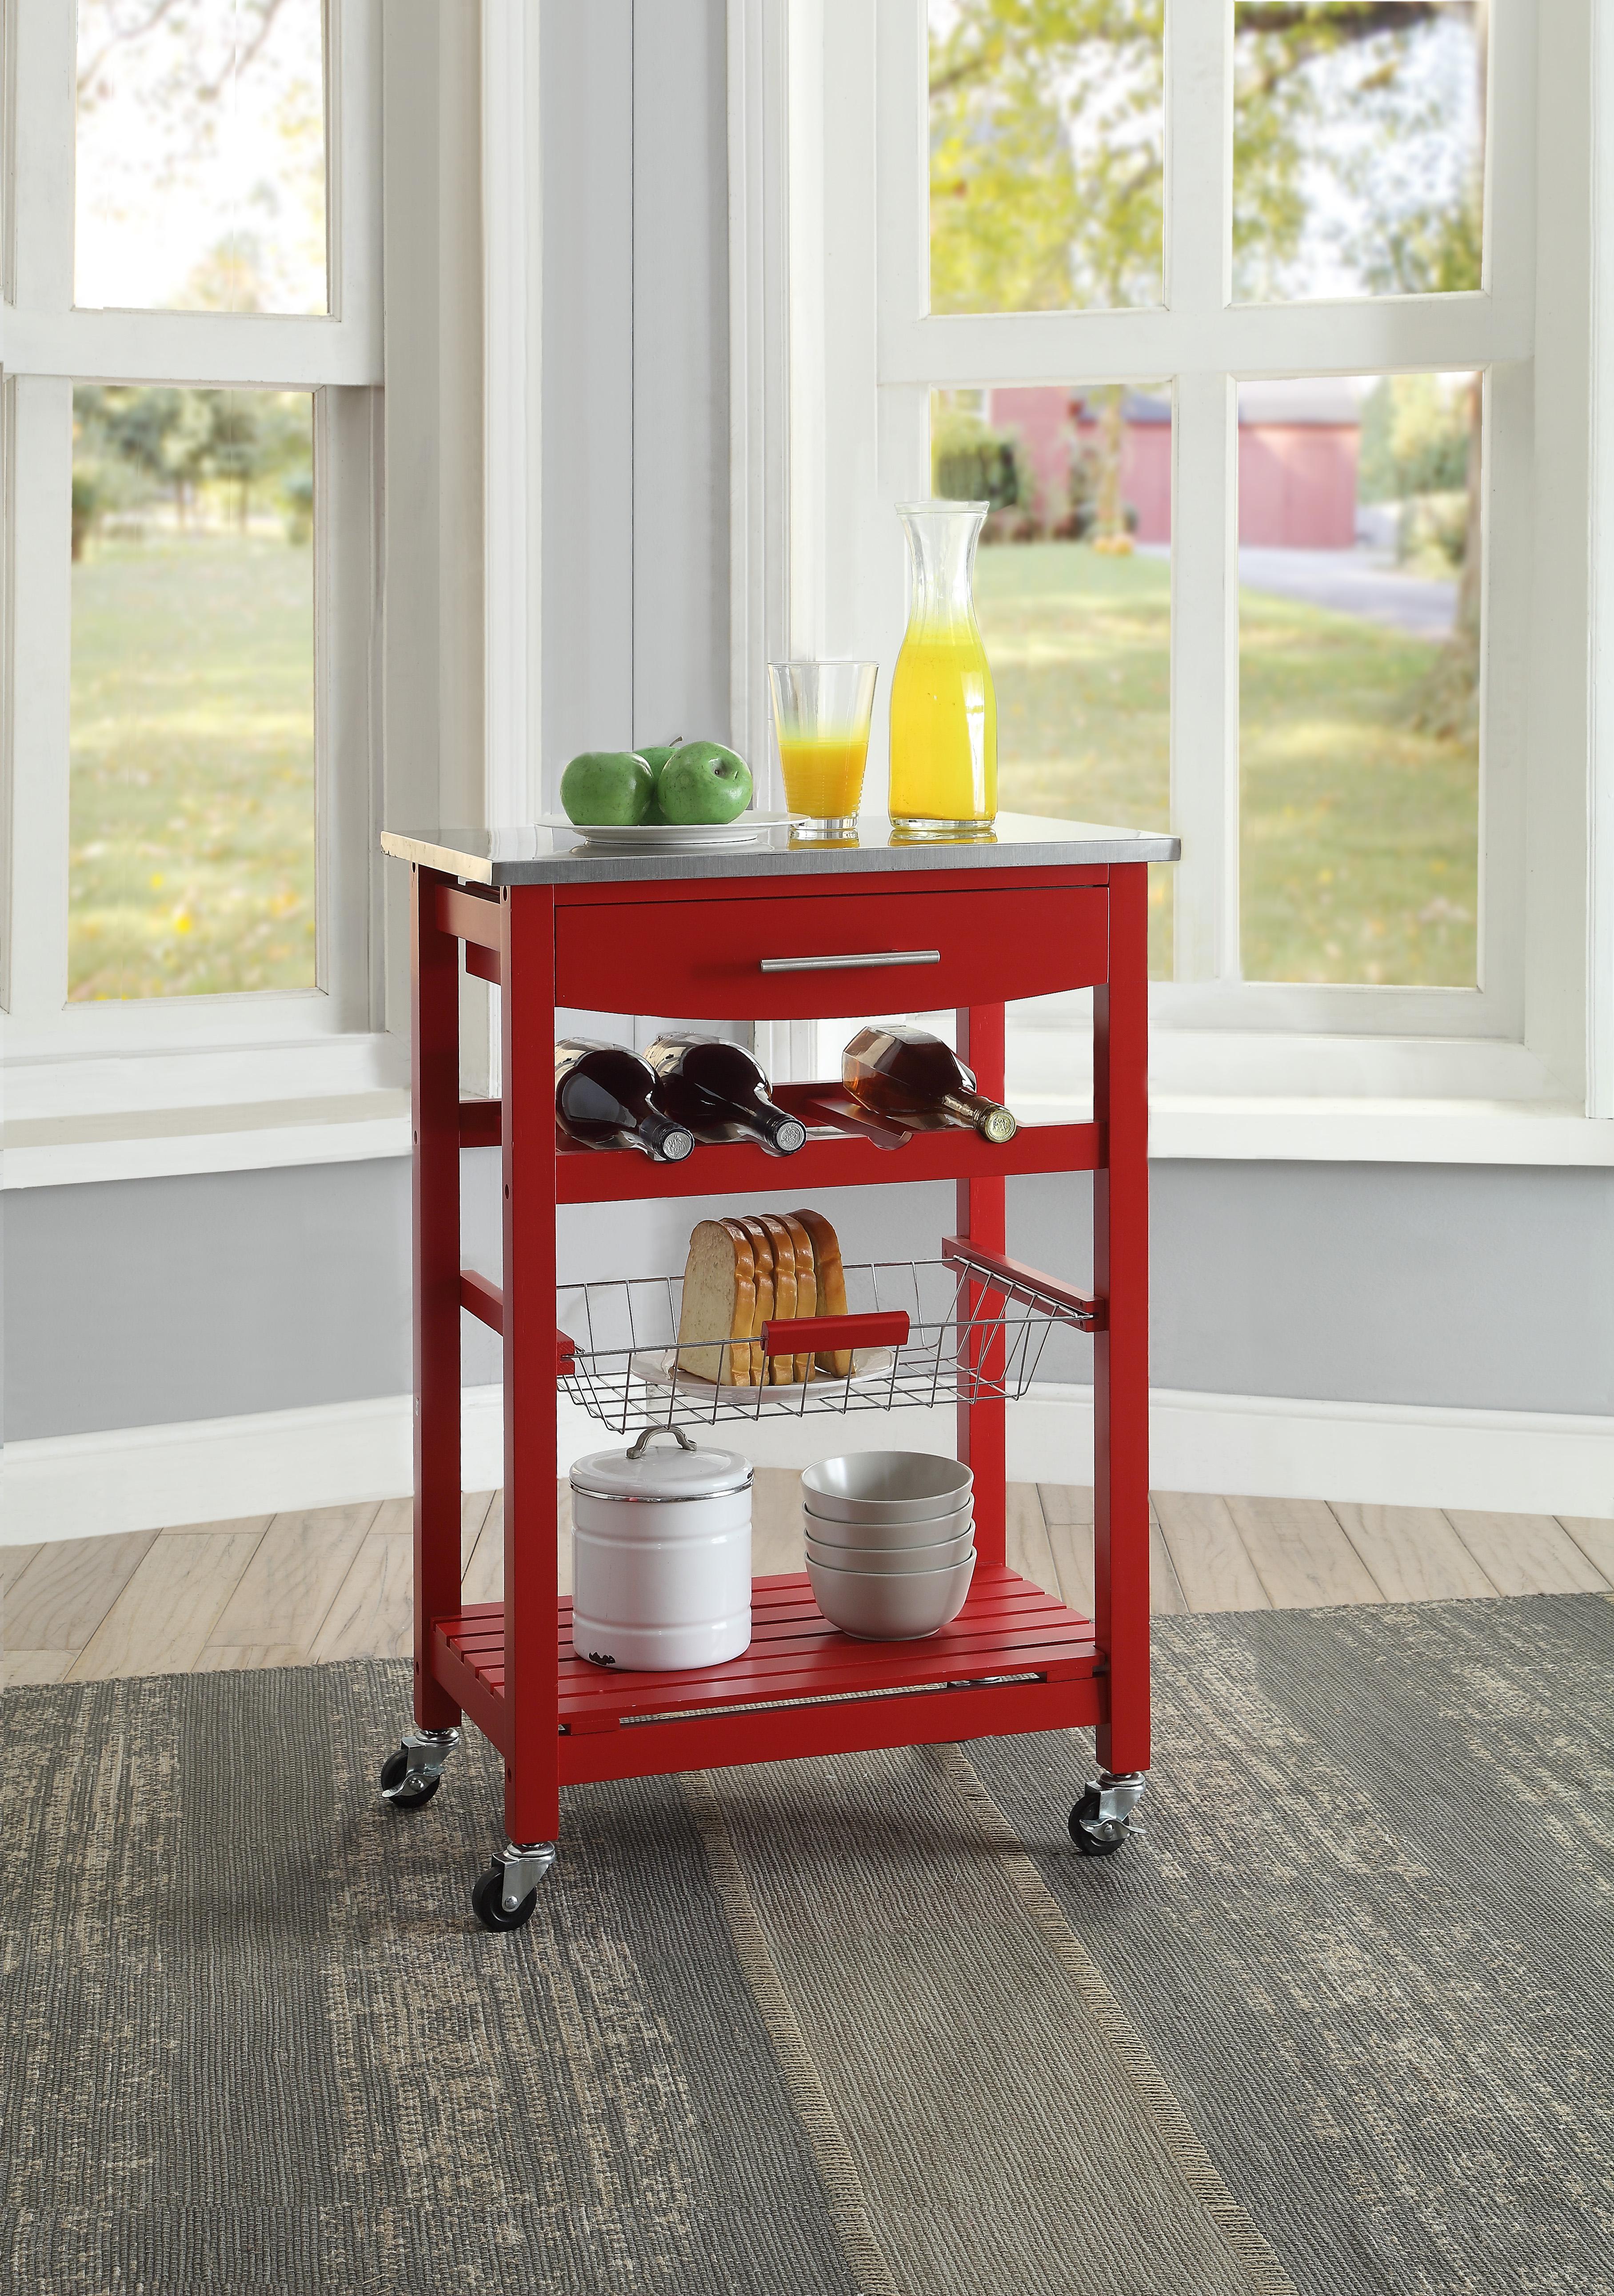 19+ Linon home decor kitchen cart ideas in 2021